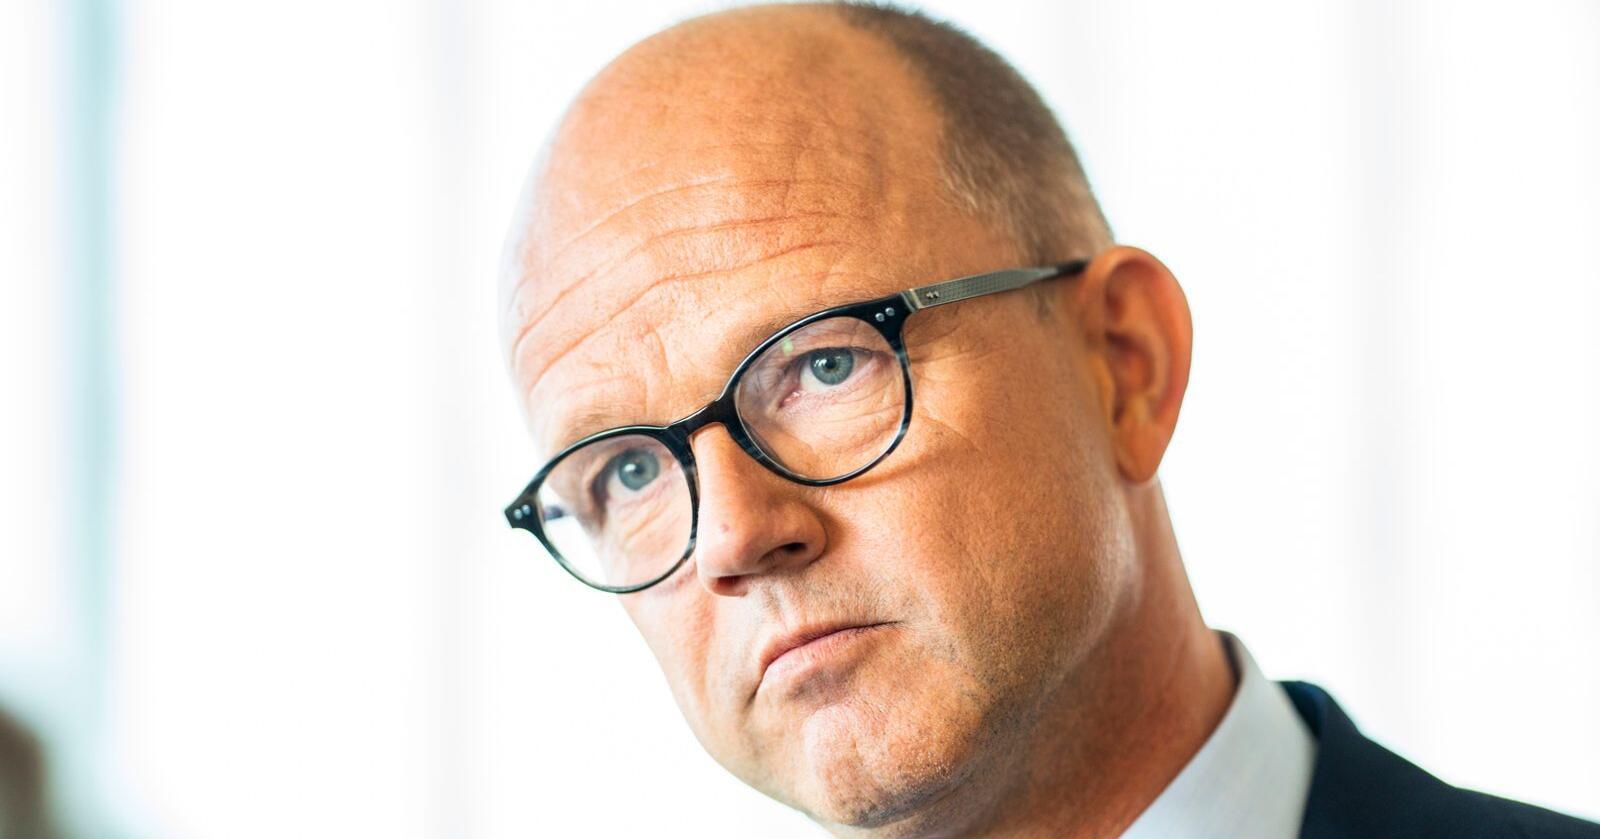 NHO-direktør Ole Erik Almlid slår krisealarm for bedriftene. Regjeringens kompensasjonsordninger må forlenges etter 1. mars, framholder han. Foto: Håkon Mosvold Larsen / NTB